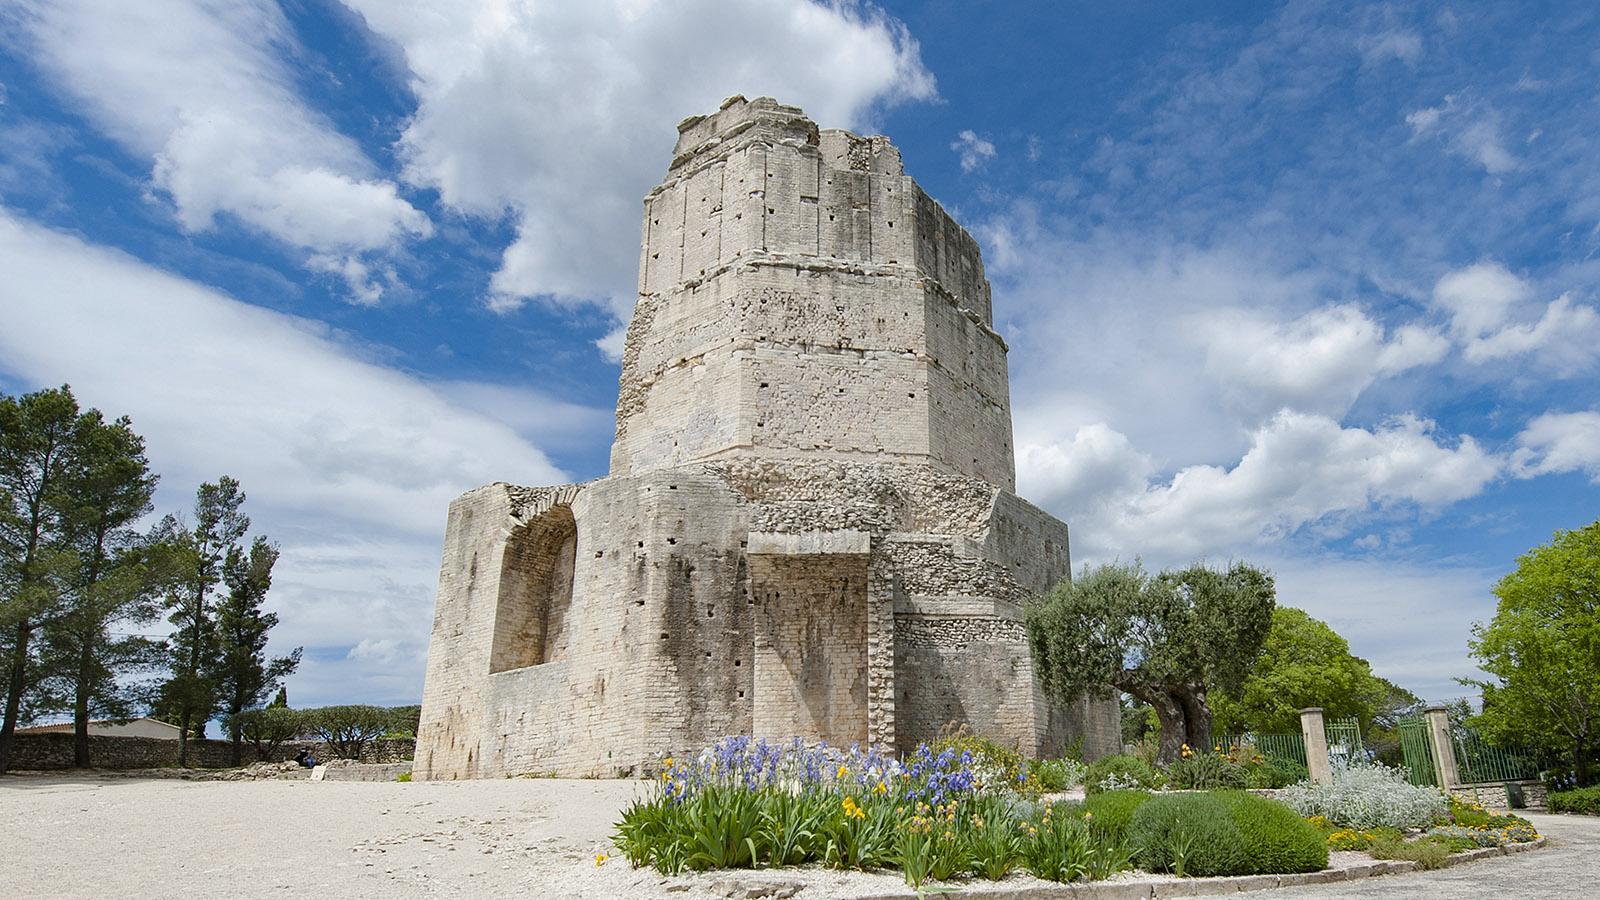 Die römische Tour Magne in den Jardins de la Fontaine von Nîmes. Foto: Hilke Maunder